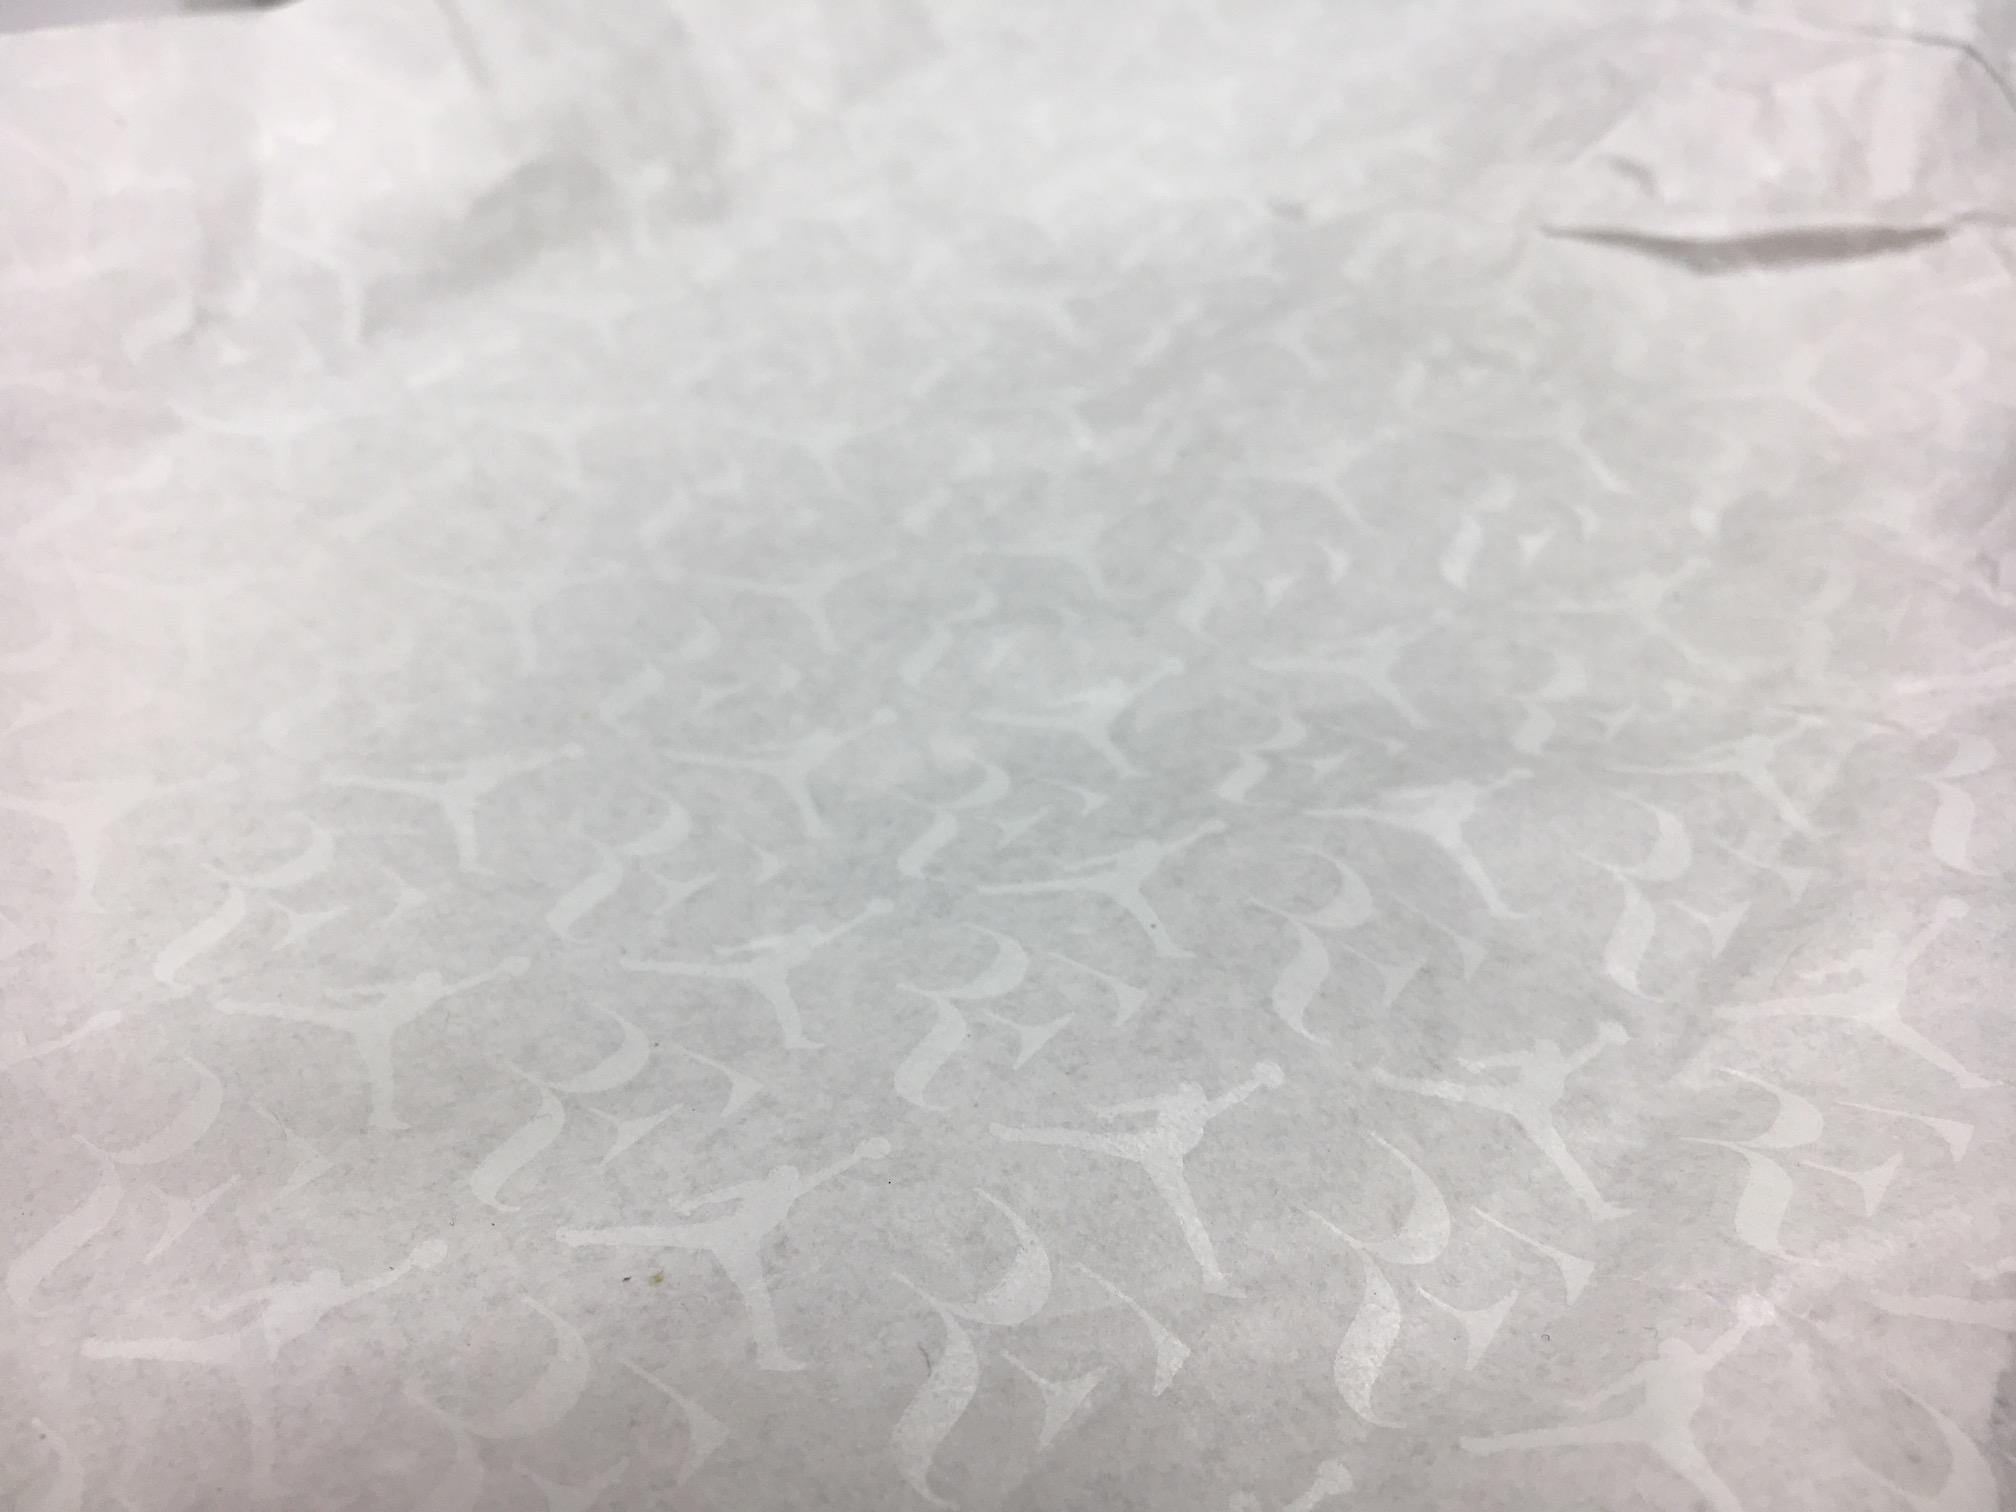 Nike Court Zoom Vapor RF × AJ3 atmos ナイキコート ズームヴェイパー ロジャーフェデラー エアジョーダン3 アトモス